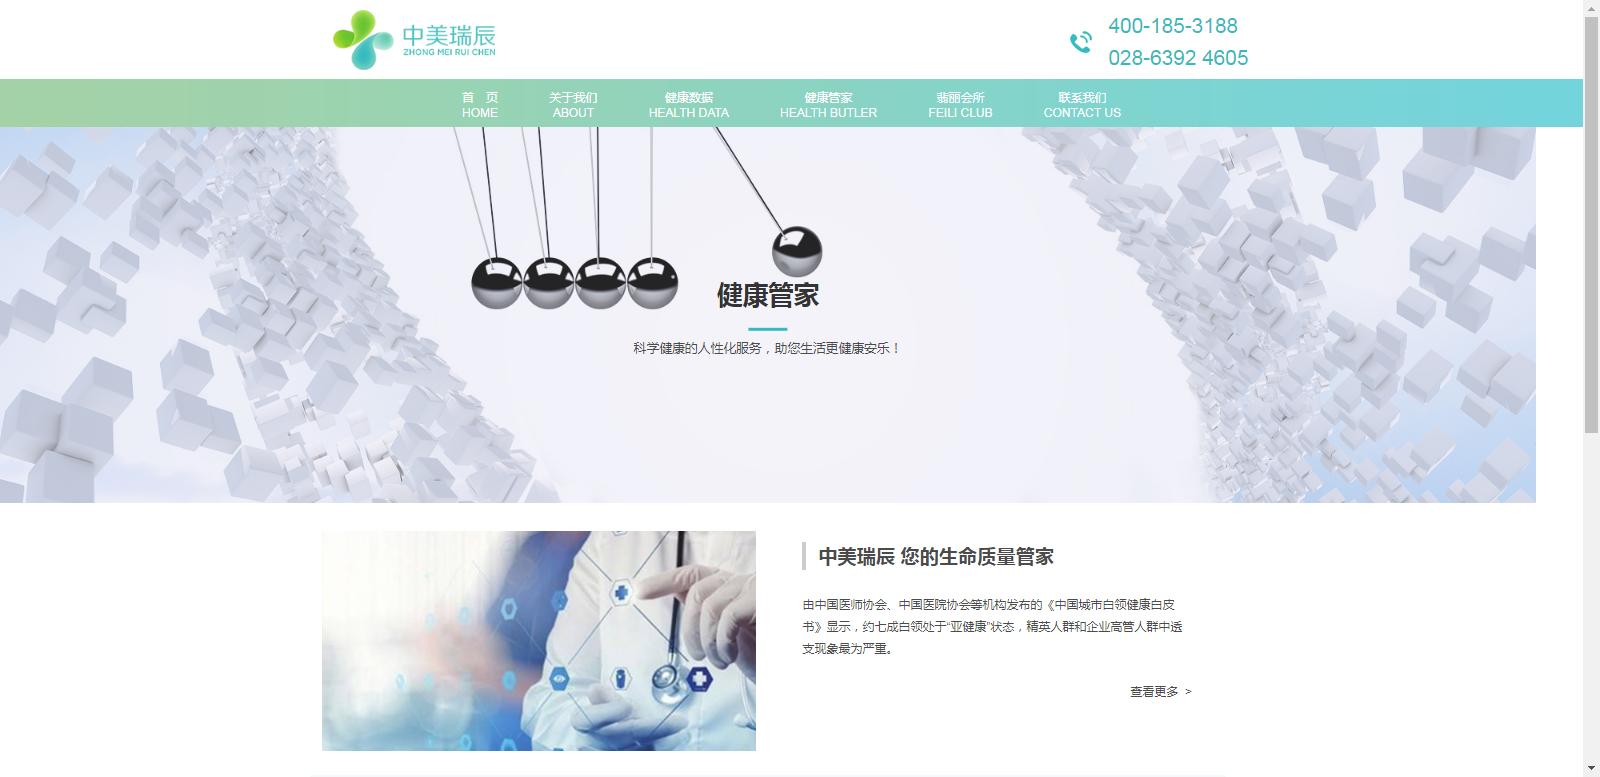 成都中美瑞辰健康管理有限公司网站建设项目